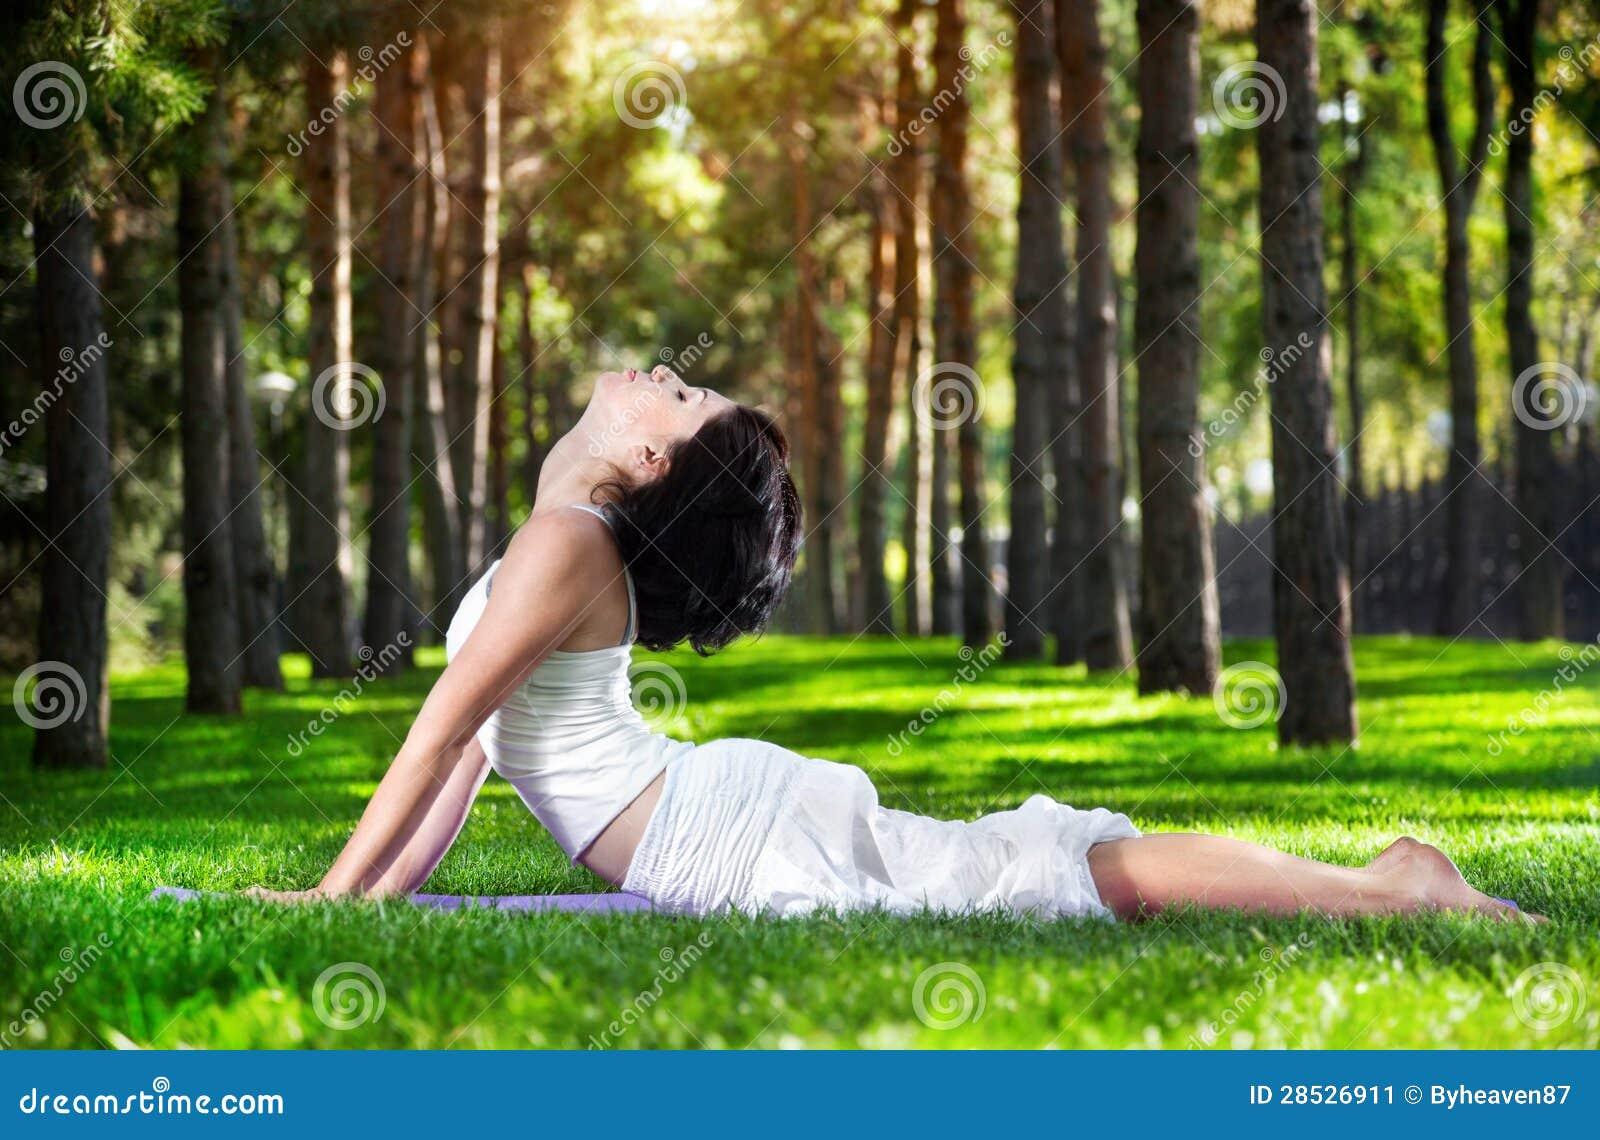 Pose da cobra da ioga no parque